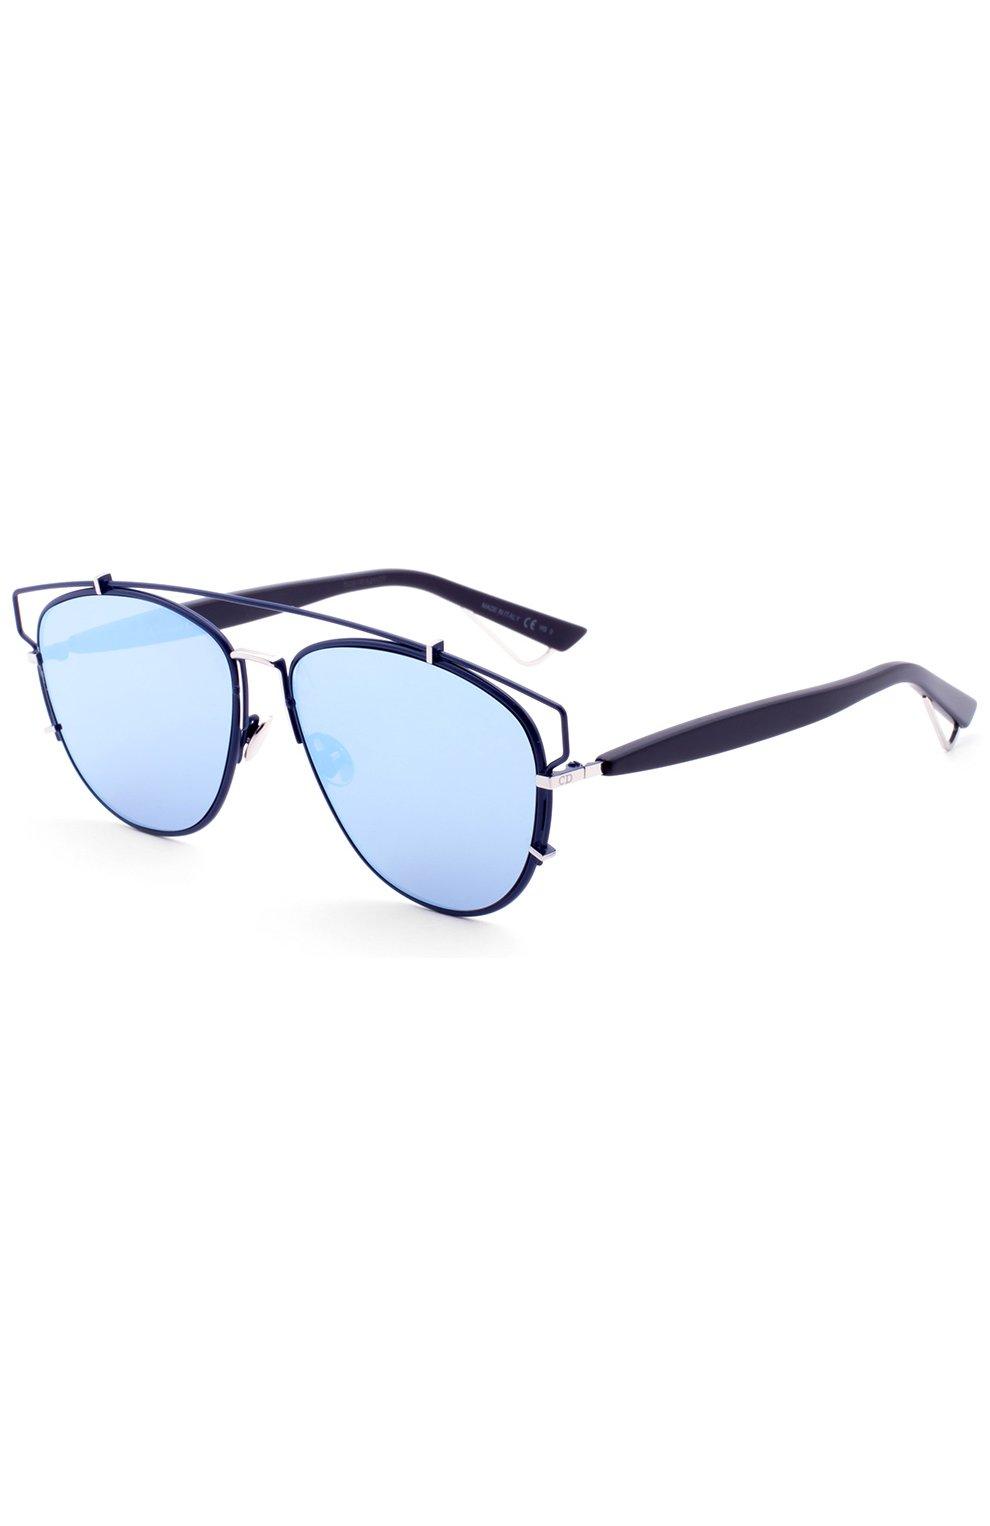 Женские солнцезащитные очки DIOR темно-синего цвета, арт. DI0RTECHN0L0GIC PQU   Фото 2